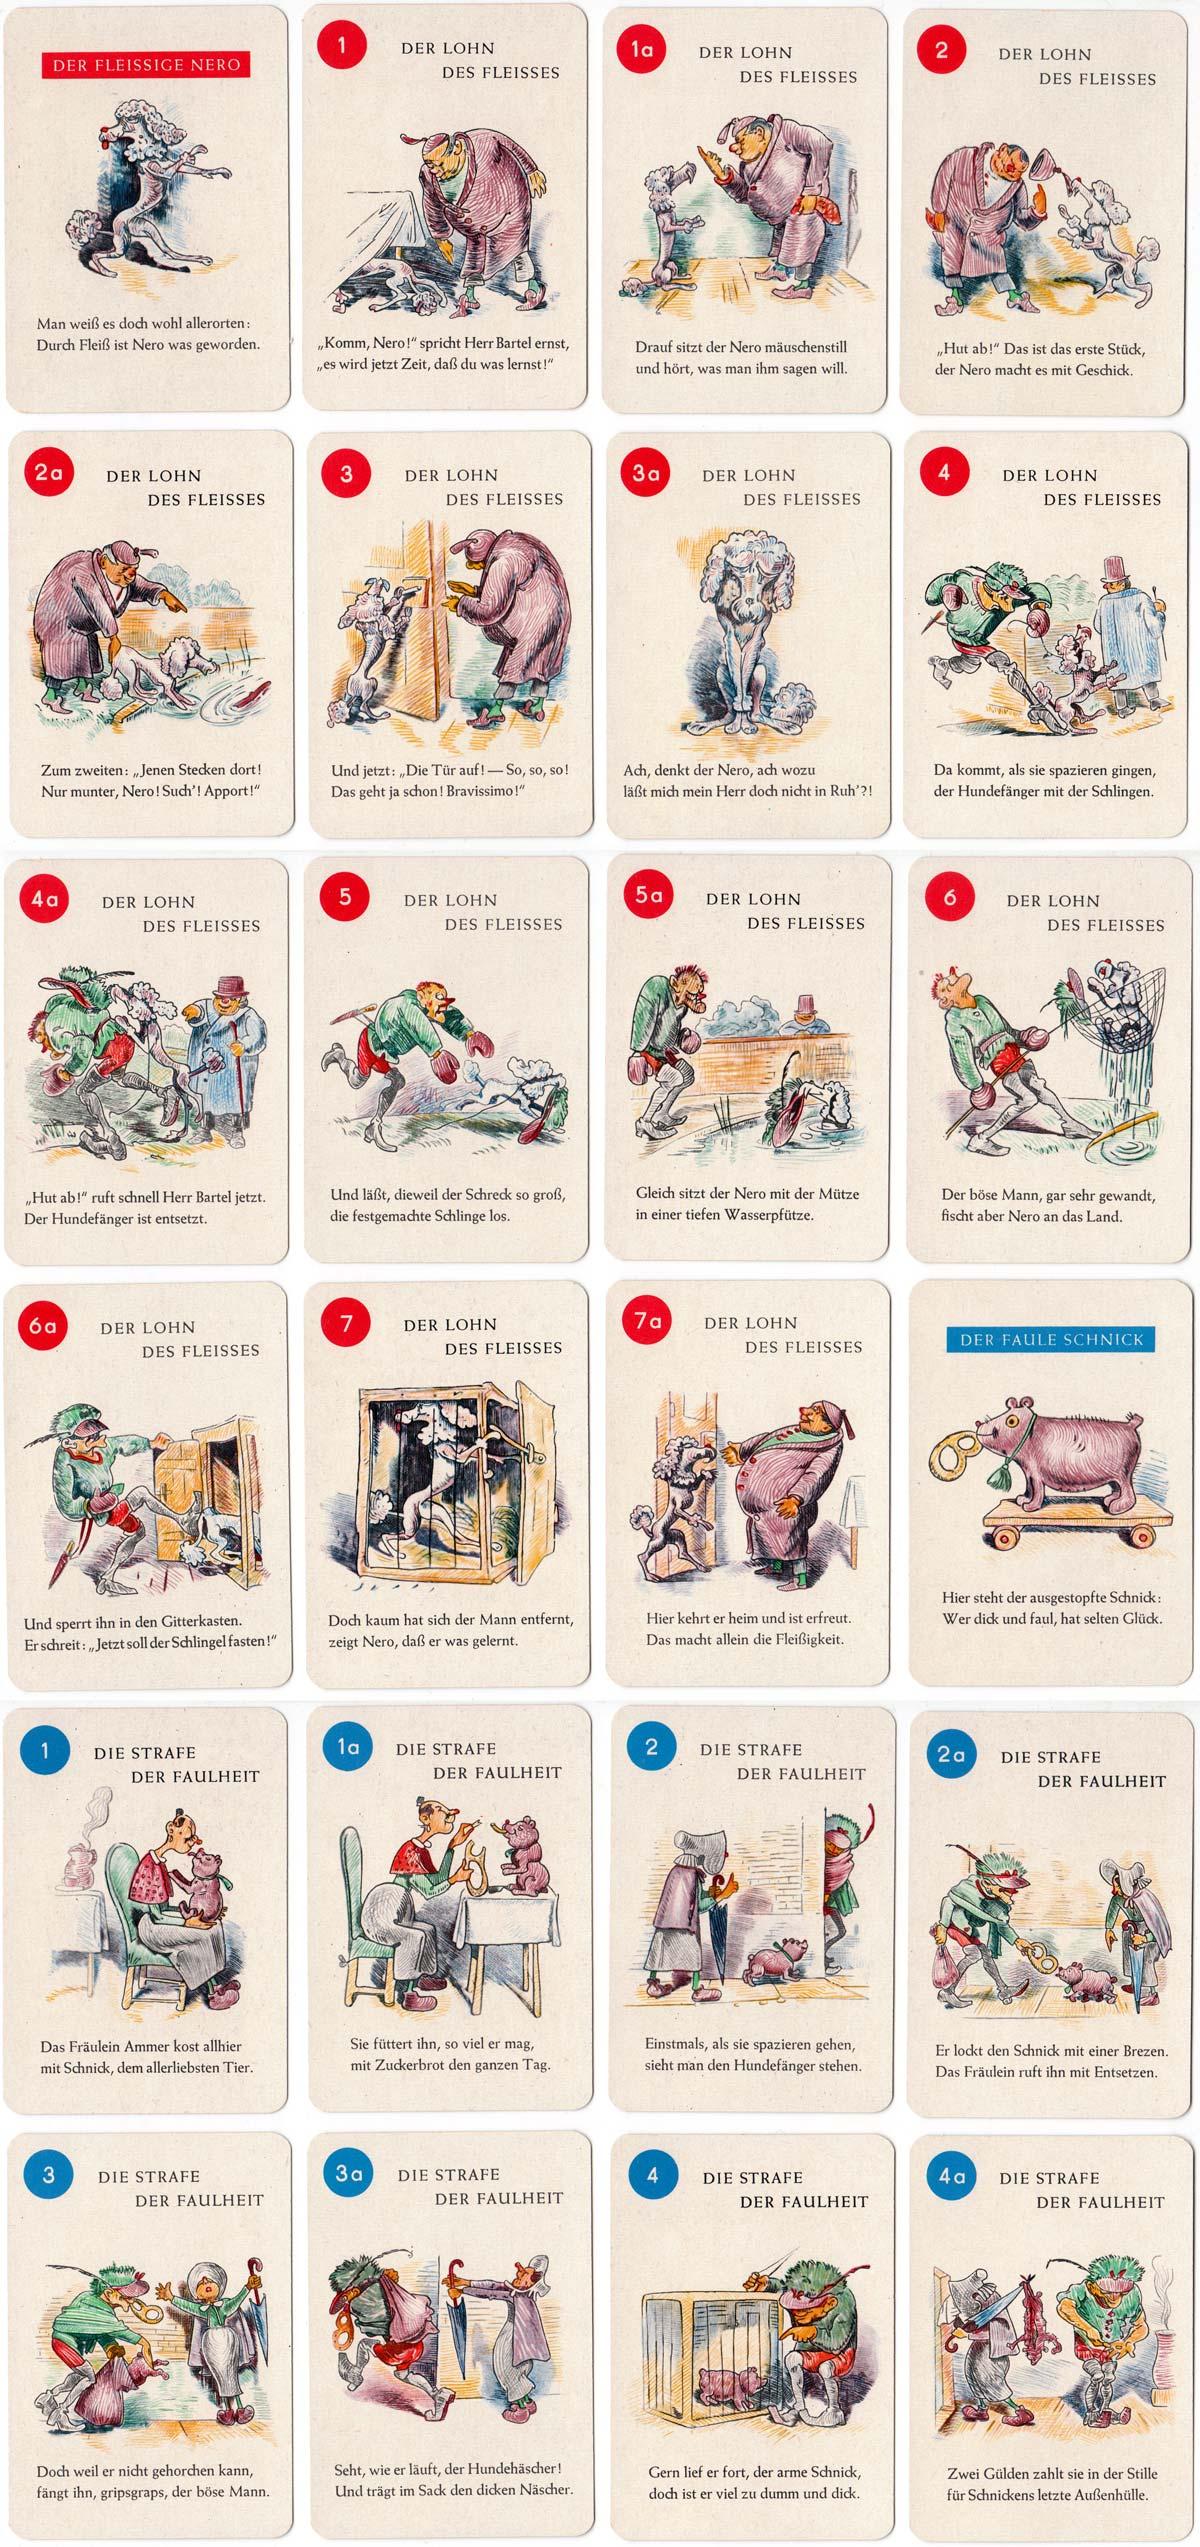 """""""Der Lohn des Fleisses"""" children's card game designed by Wilhelm Busch (1832-1908)"""